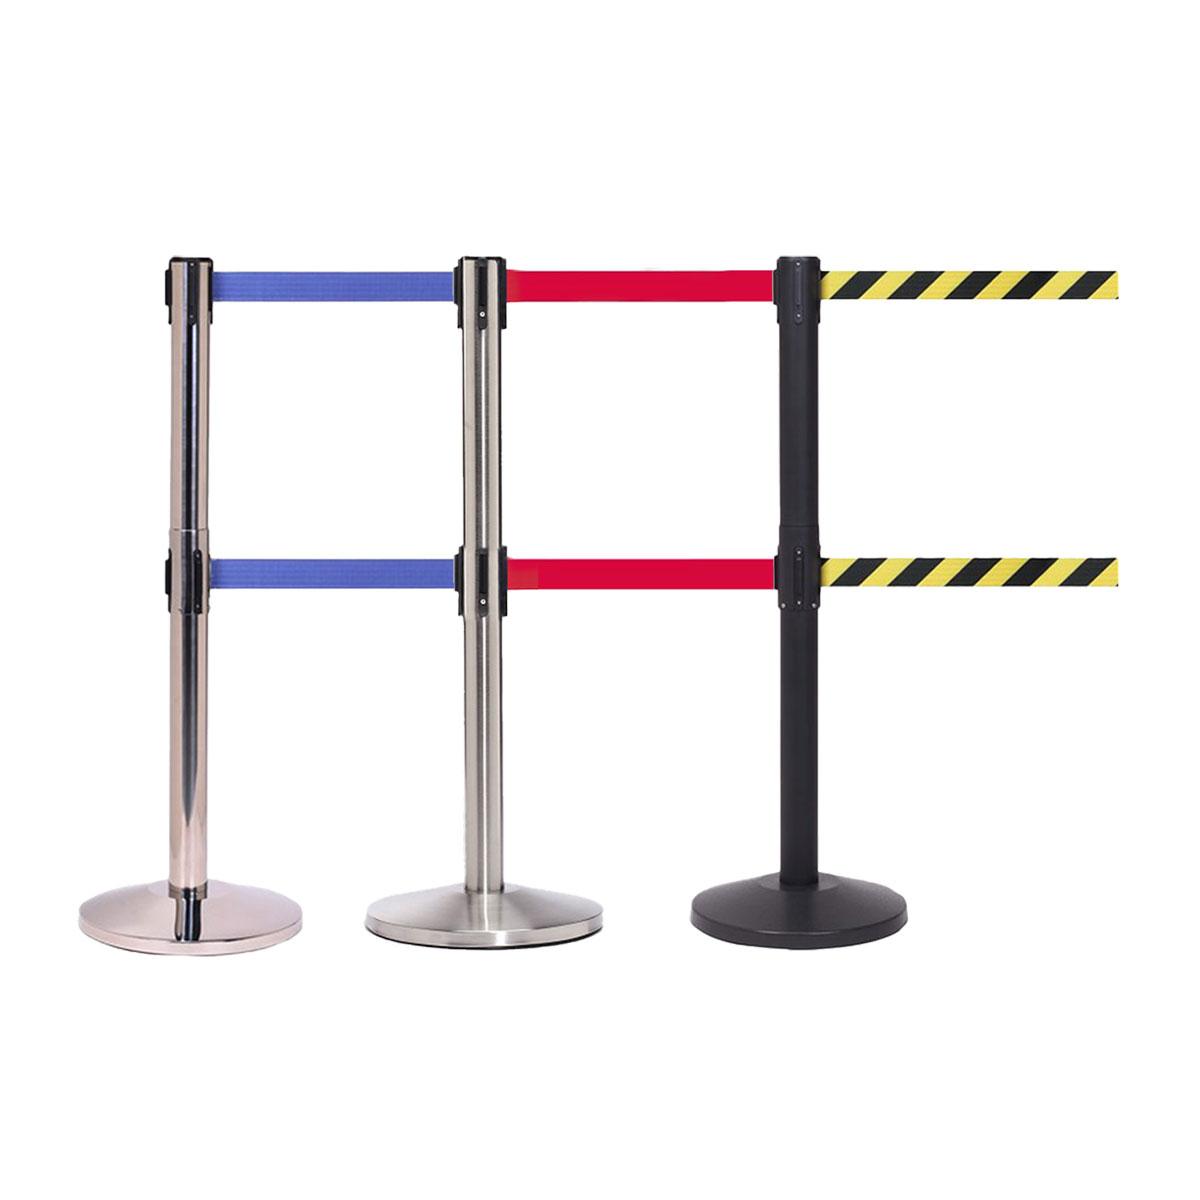 QueueMaster Twin Retractable Belt Barriers